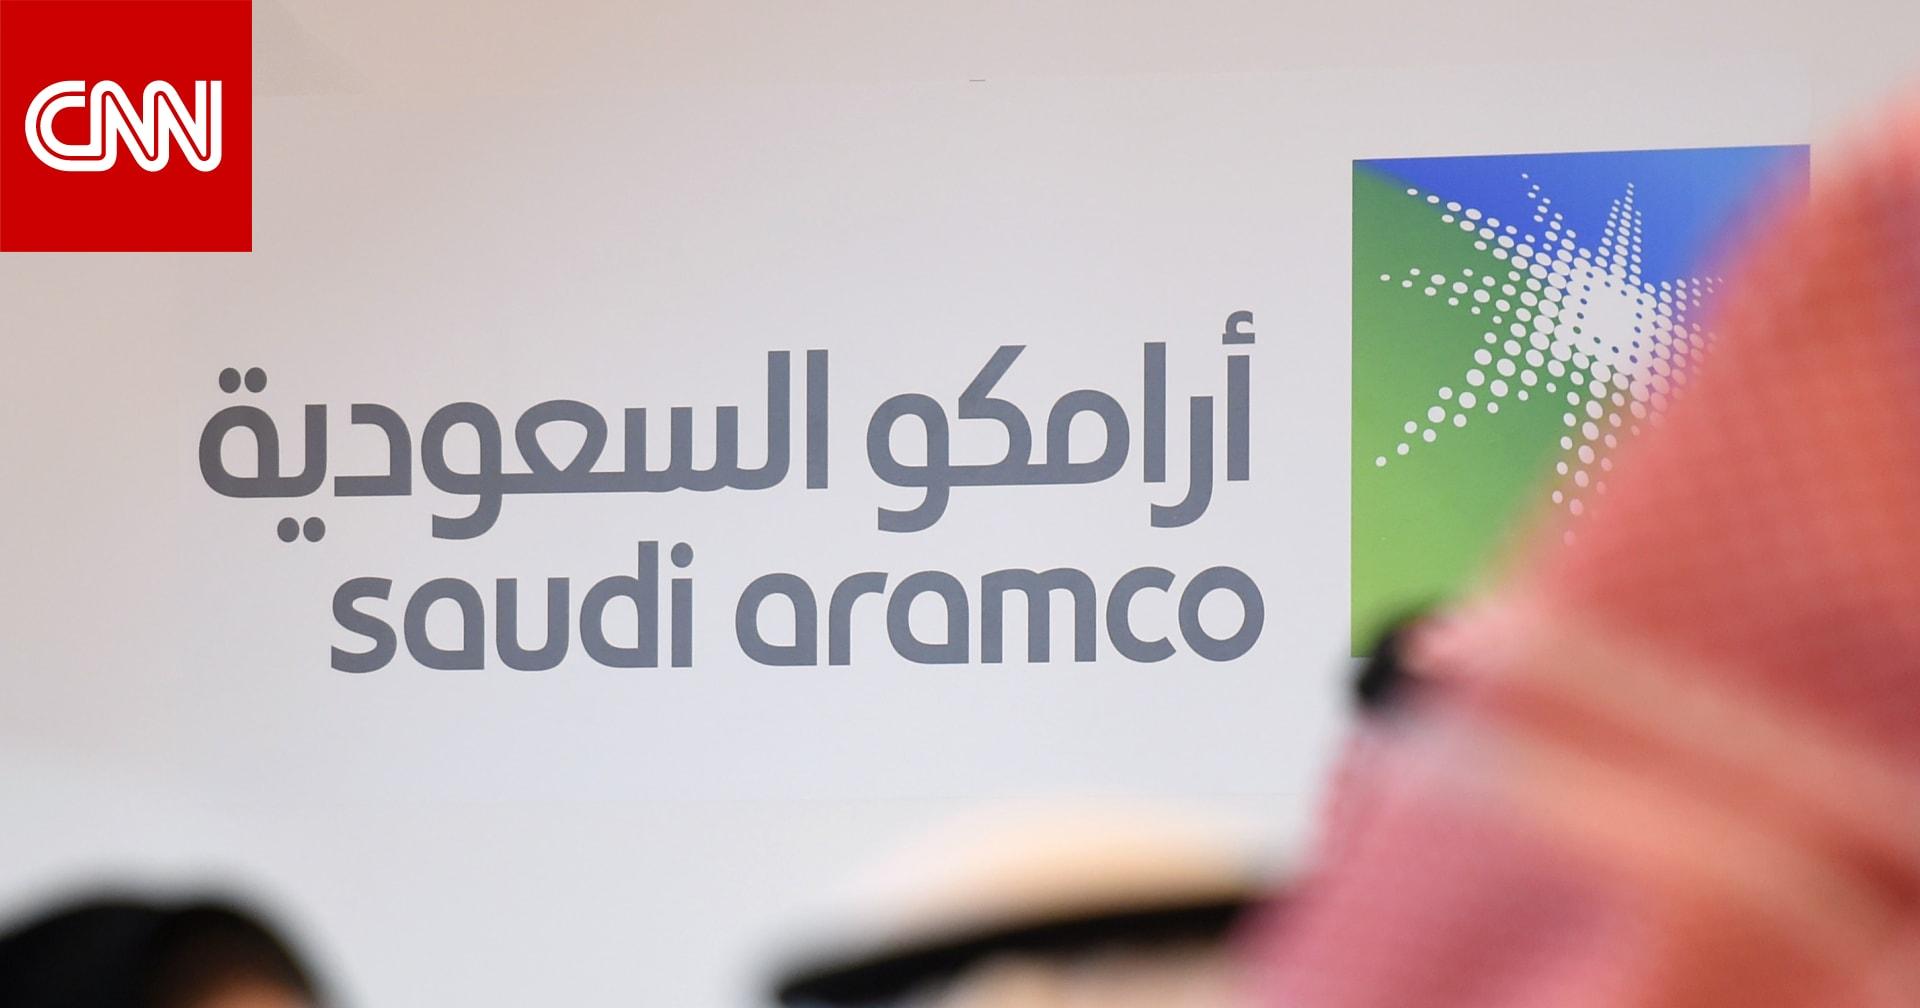 أرامكو السعودية تعلن انخفاض أرباحها السنوية 44٪ في العام 2020